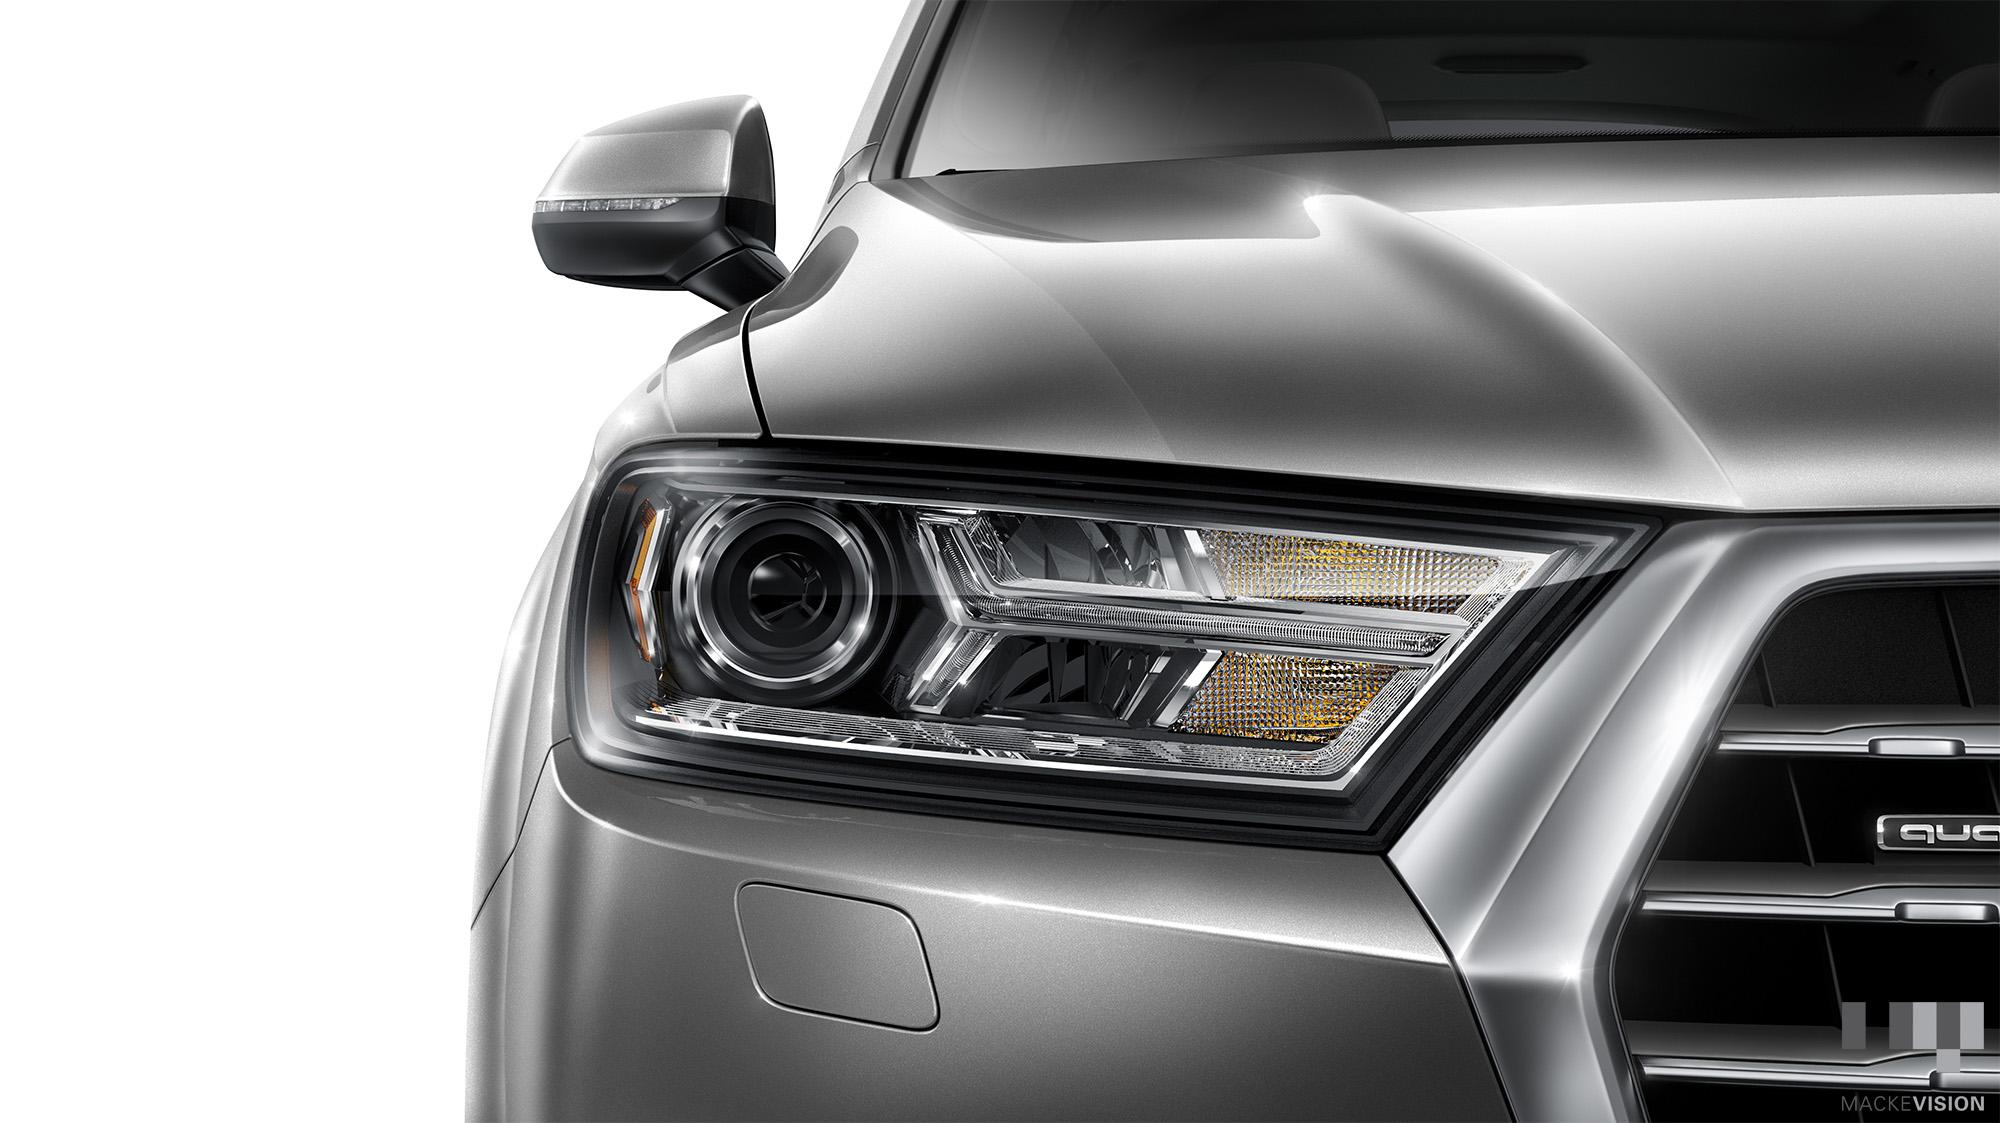 Headlight detail lighting. Maya/Vray